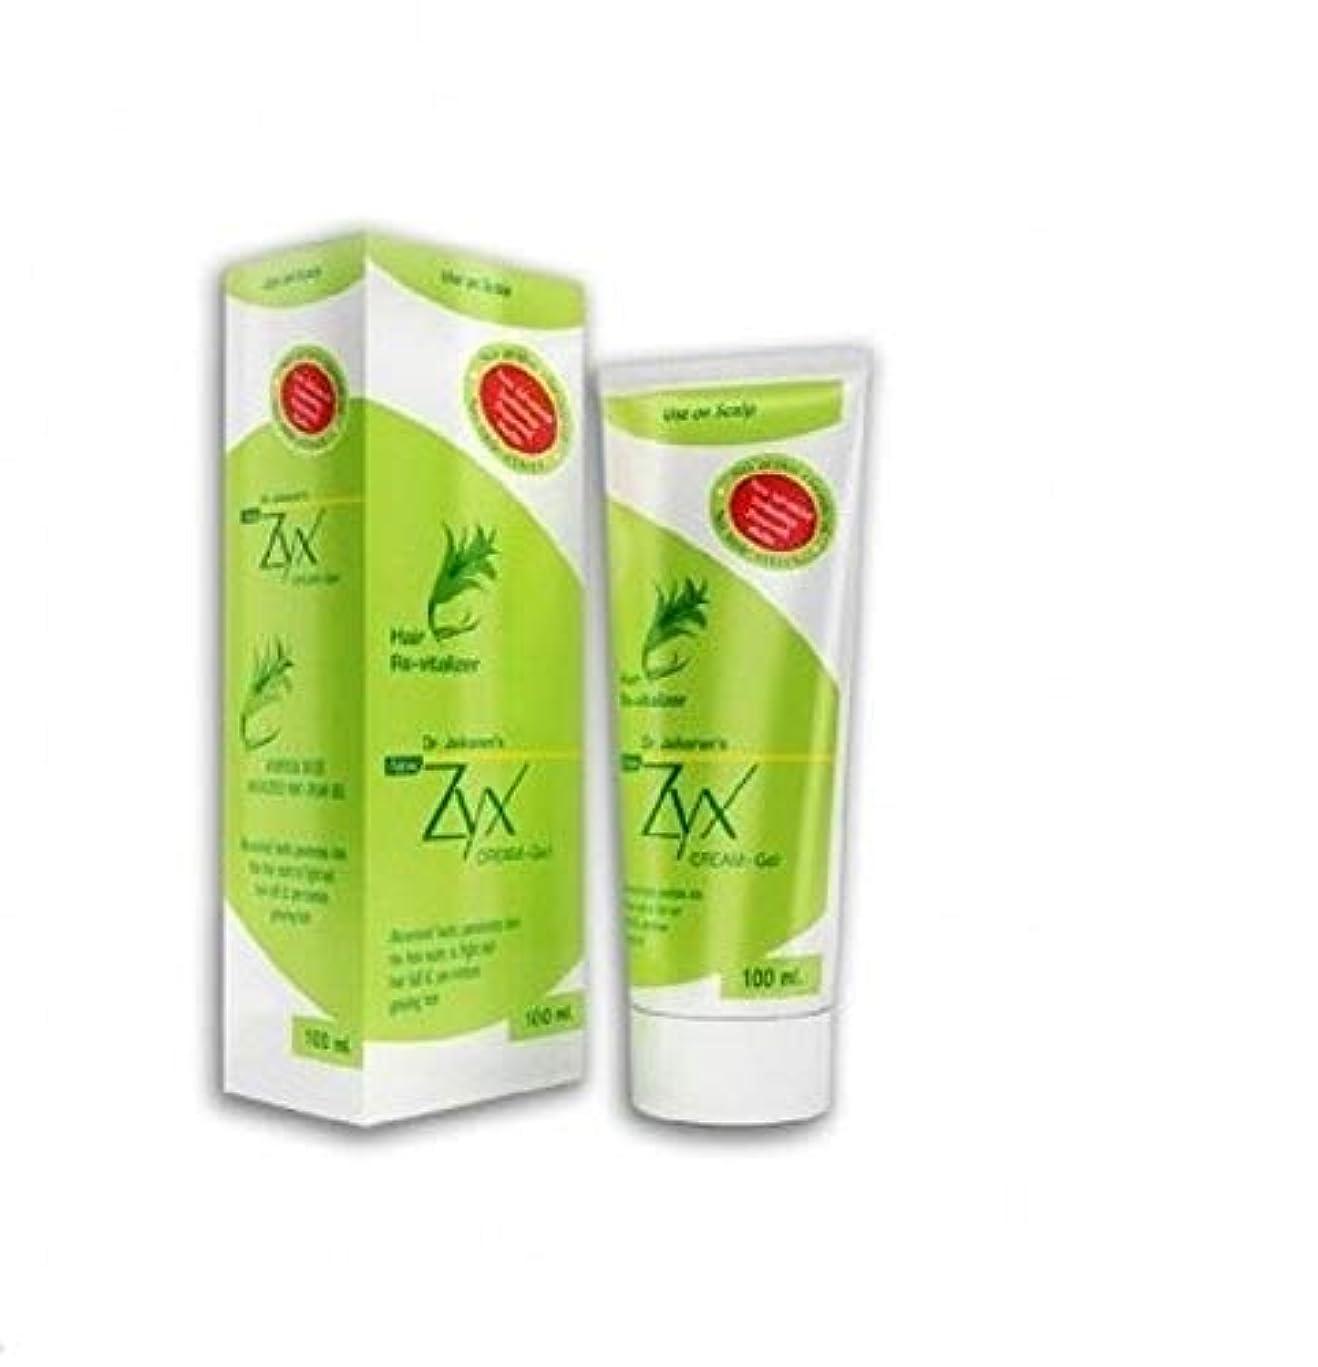 ソーシャル民兵迷路Hair Cream Gel Zyx ヘアクリームジェル 100ml 100% Natural for prevention of Hair related problems 髪の毛の問題を予防するための100%ナチュラル